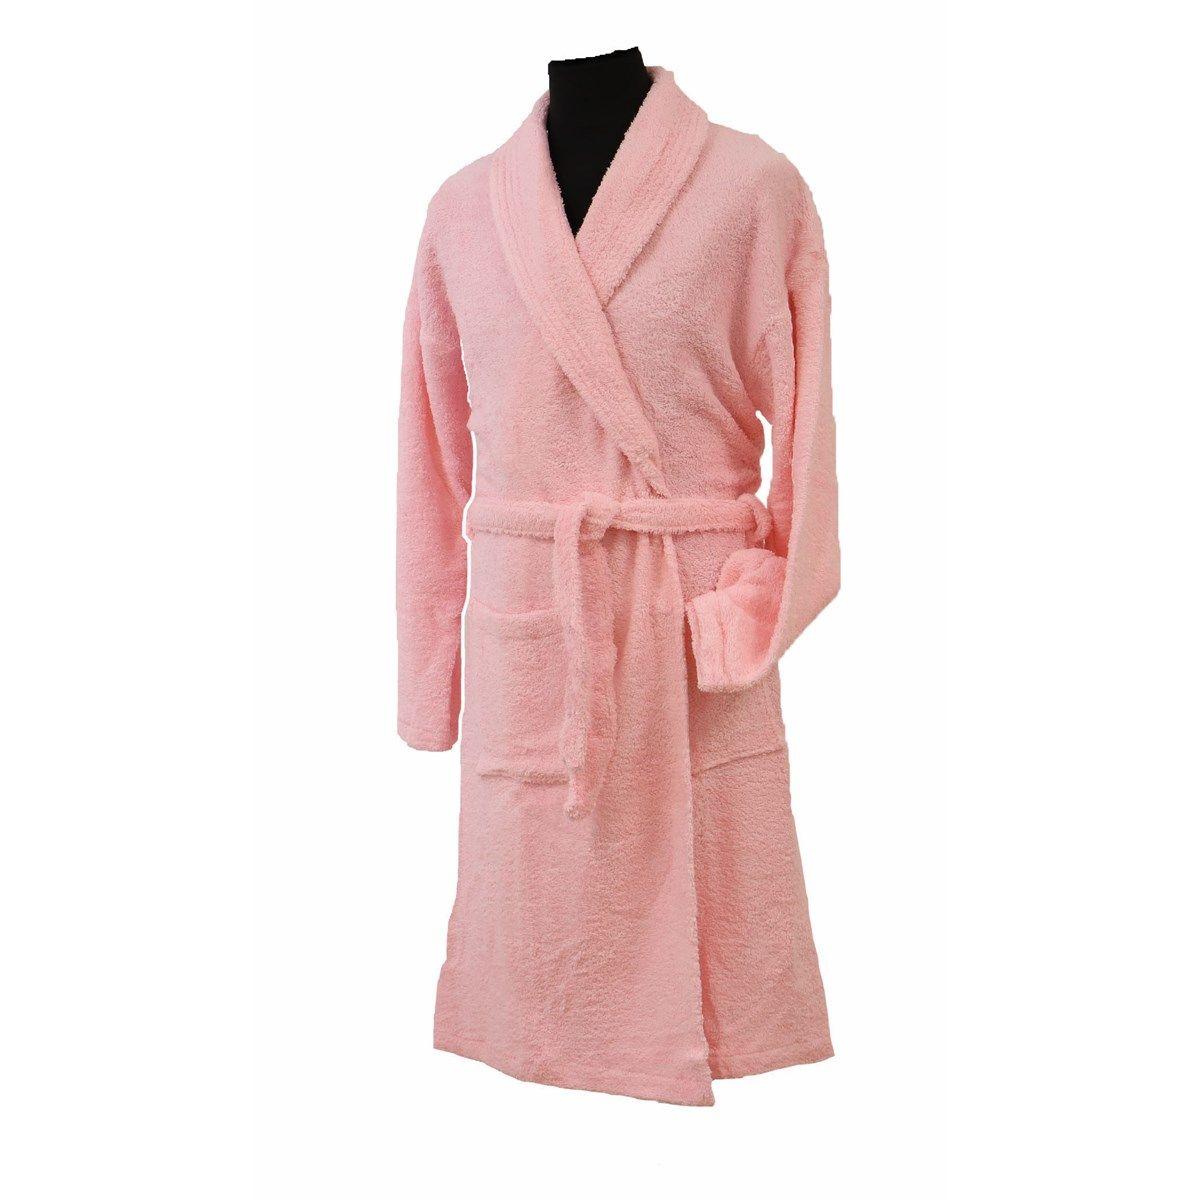 CONFORT - Peignoir mixte col chale coton rose pastel L (photo)